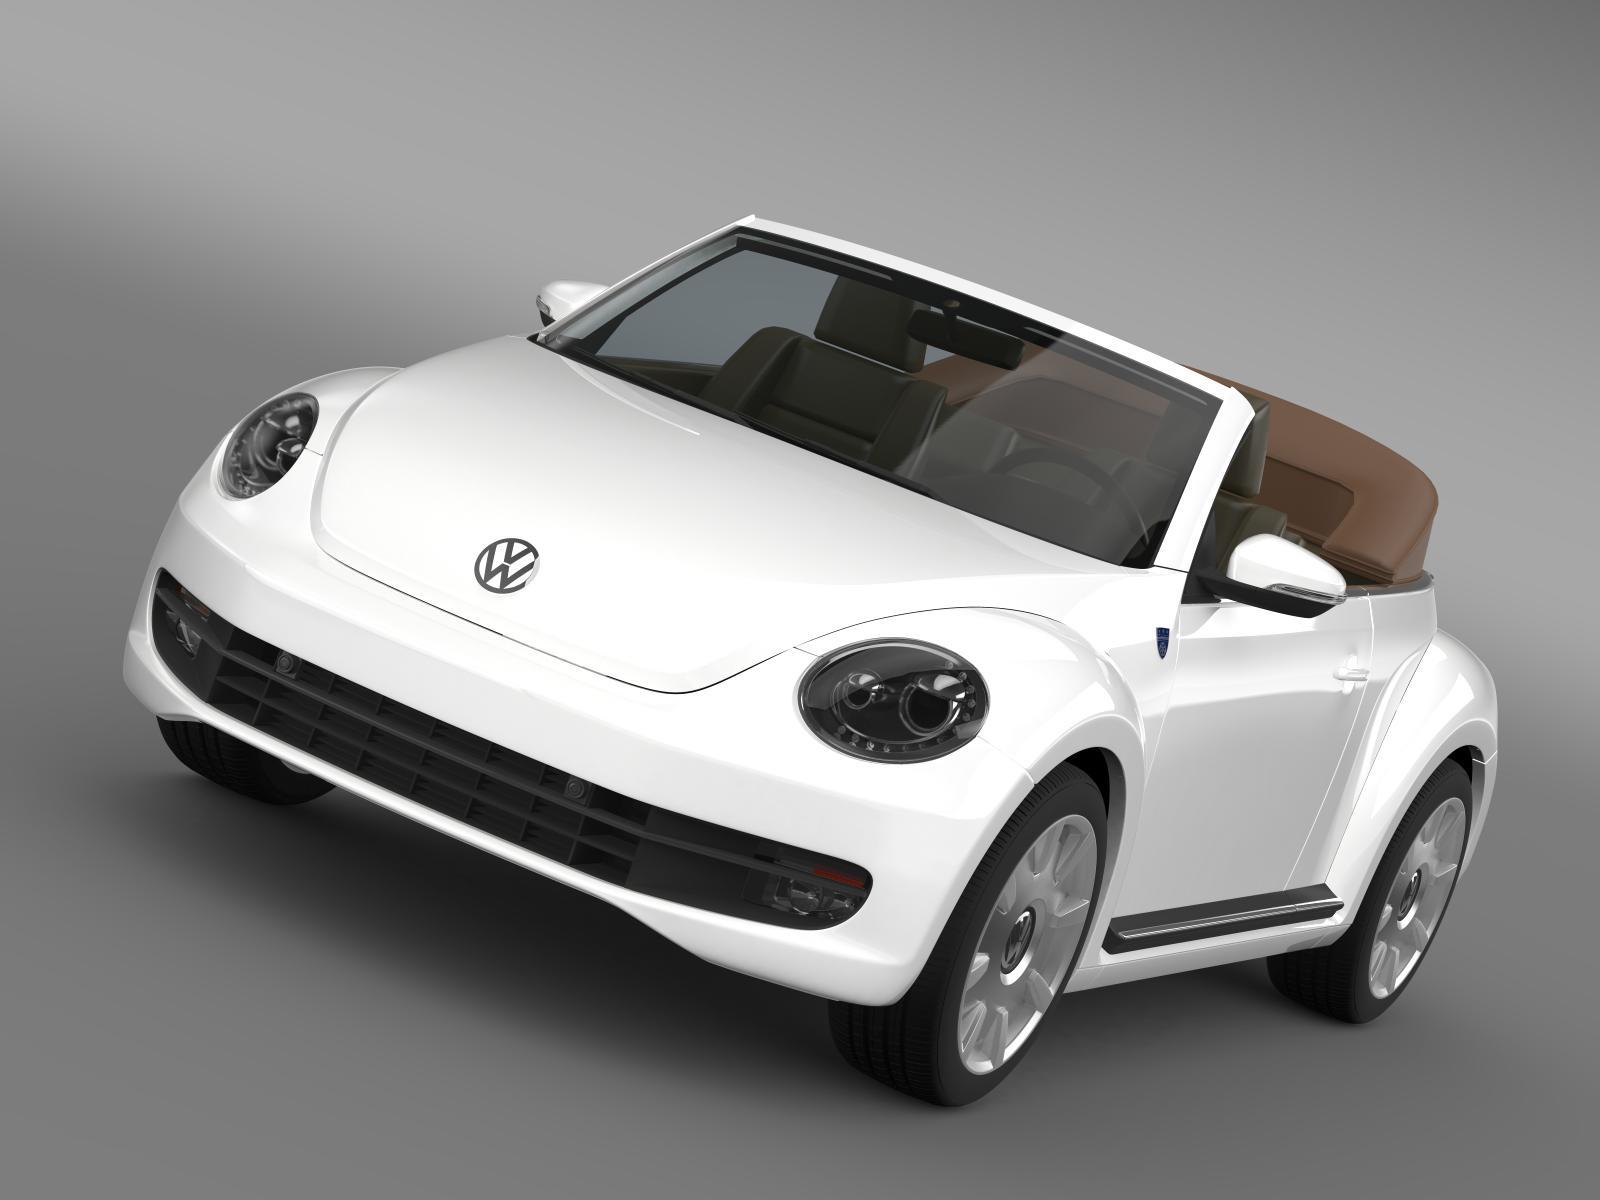 karmann beetle cabrio 2014 3d model 3ds max fbx c4d lwo ma mb hrc xsi obj 162367